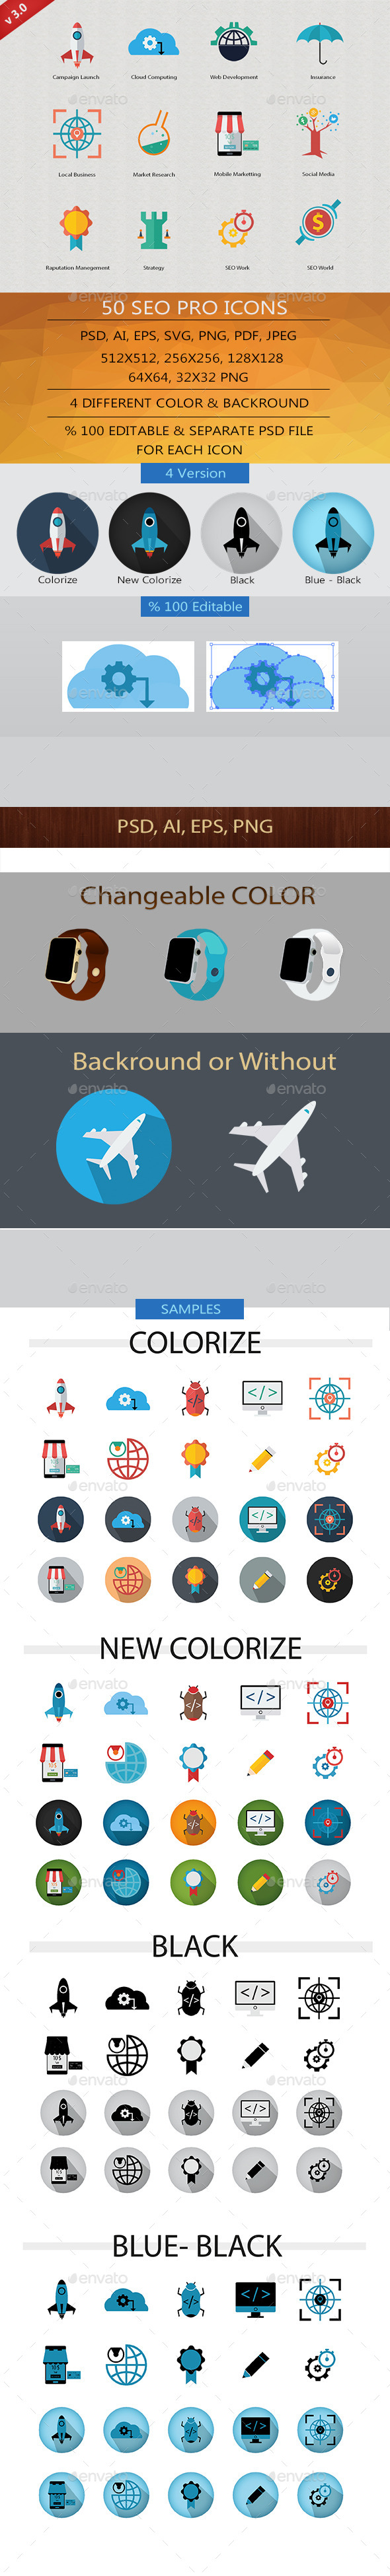 GraphicRiver SEO Pro Icons v.3 11720757